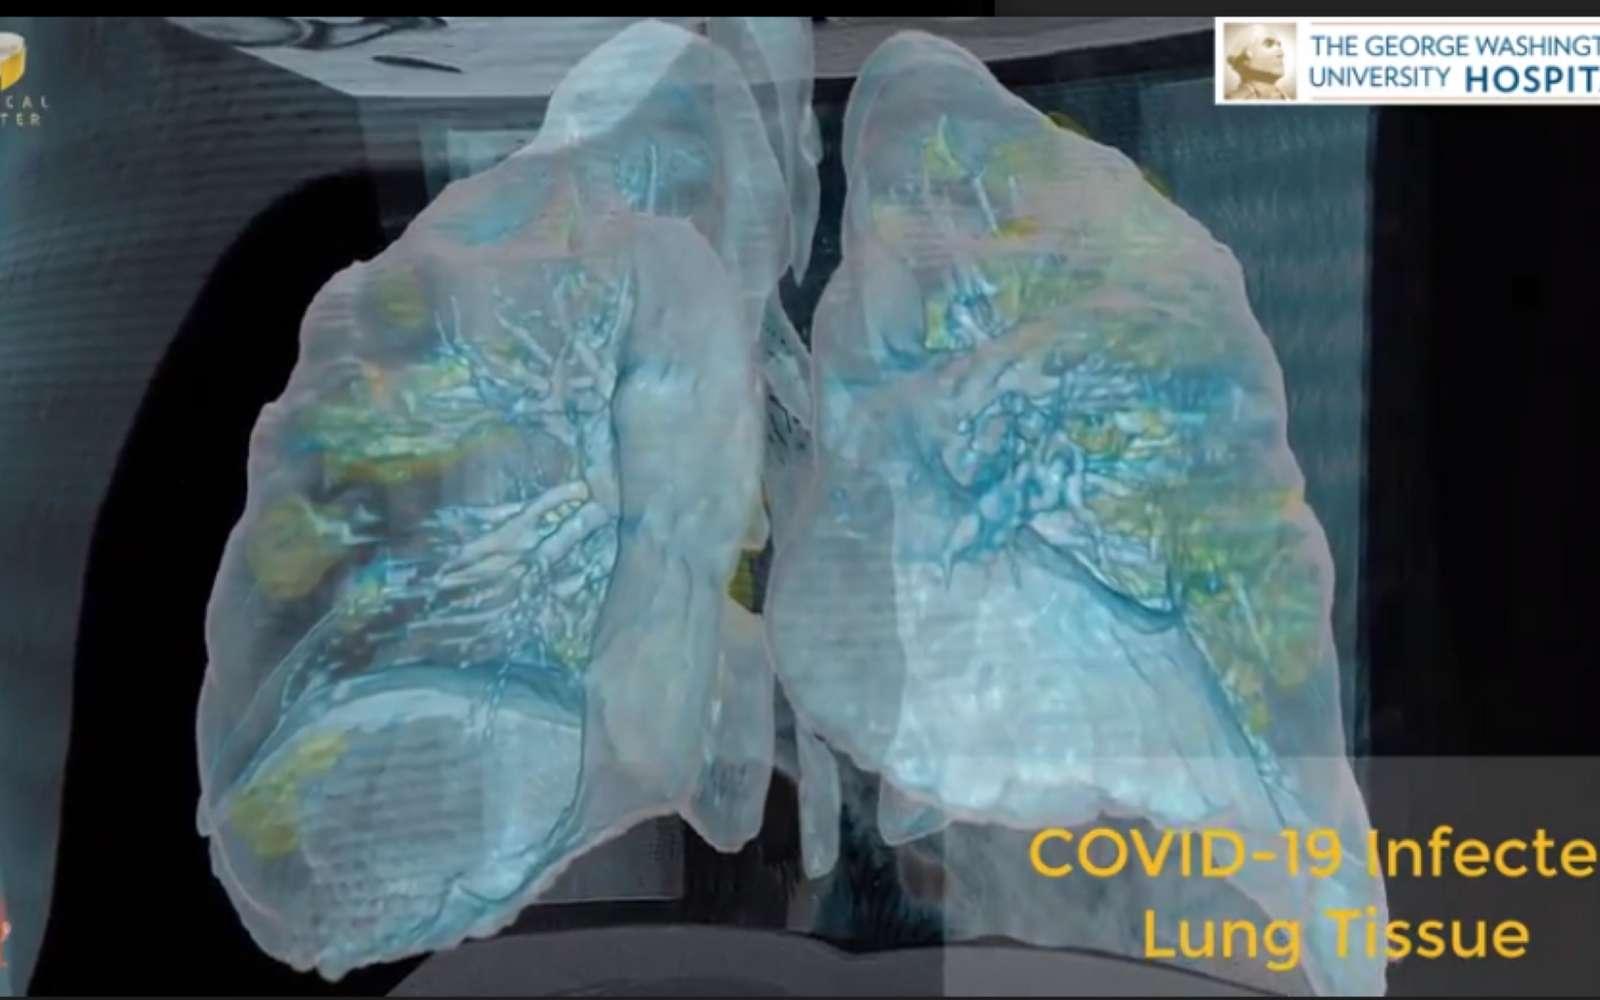 Pas besoin d'être un médecin pour visualiser les dégâts sur les poumons d'un malade du Covid-19 grâce à la VR. © George Washington University Hospital